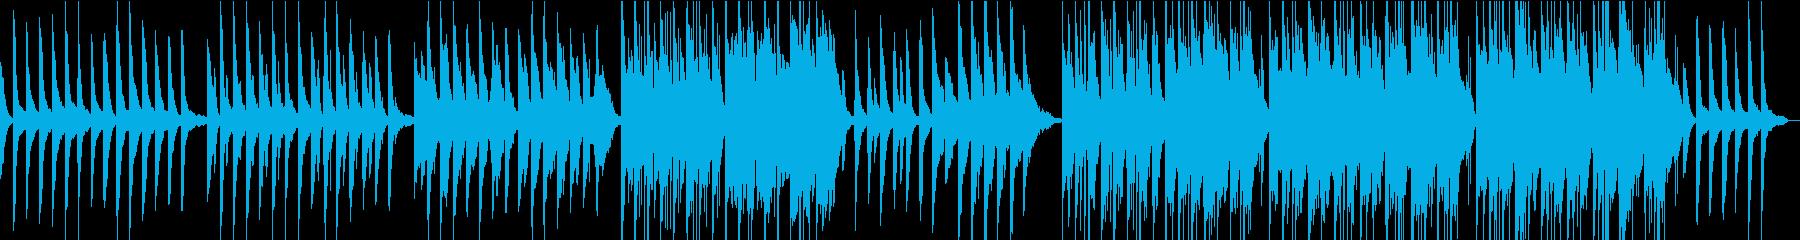 ピアニカとチェロの生演奏による美しい曲の再生済みの波形